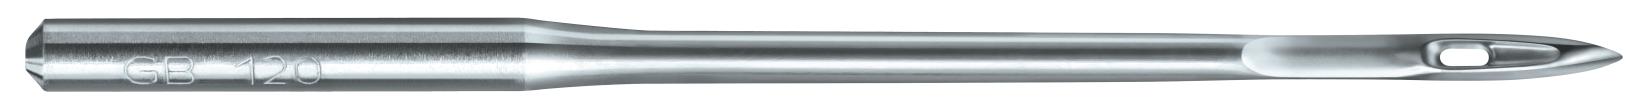 Швейная игла Groz-Beckert 134-35 LR №150 для кожи